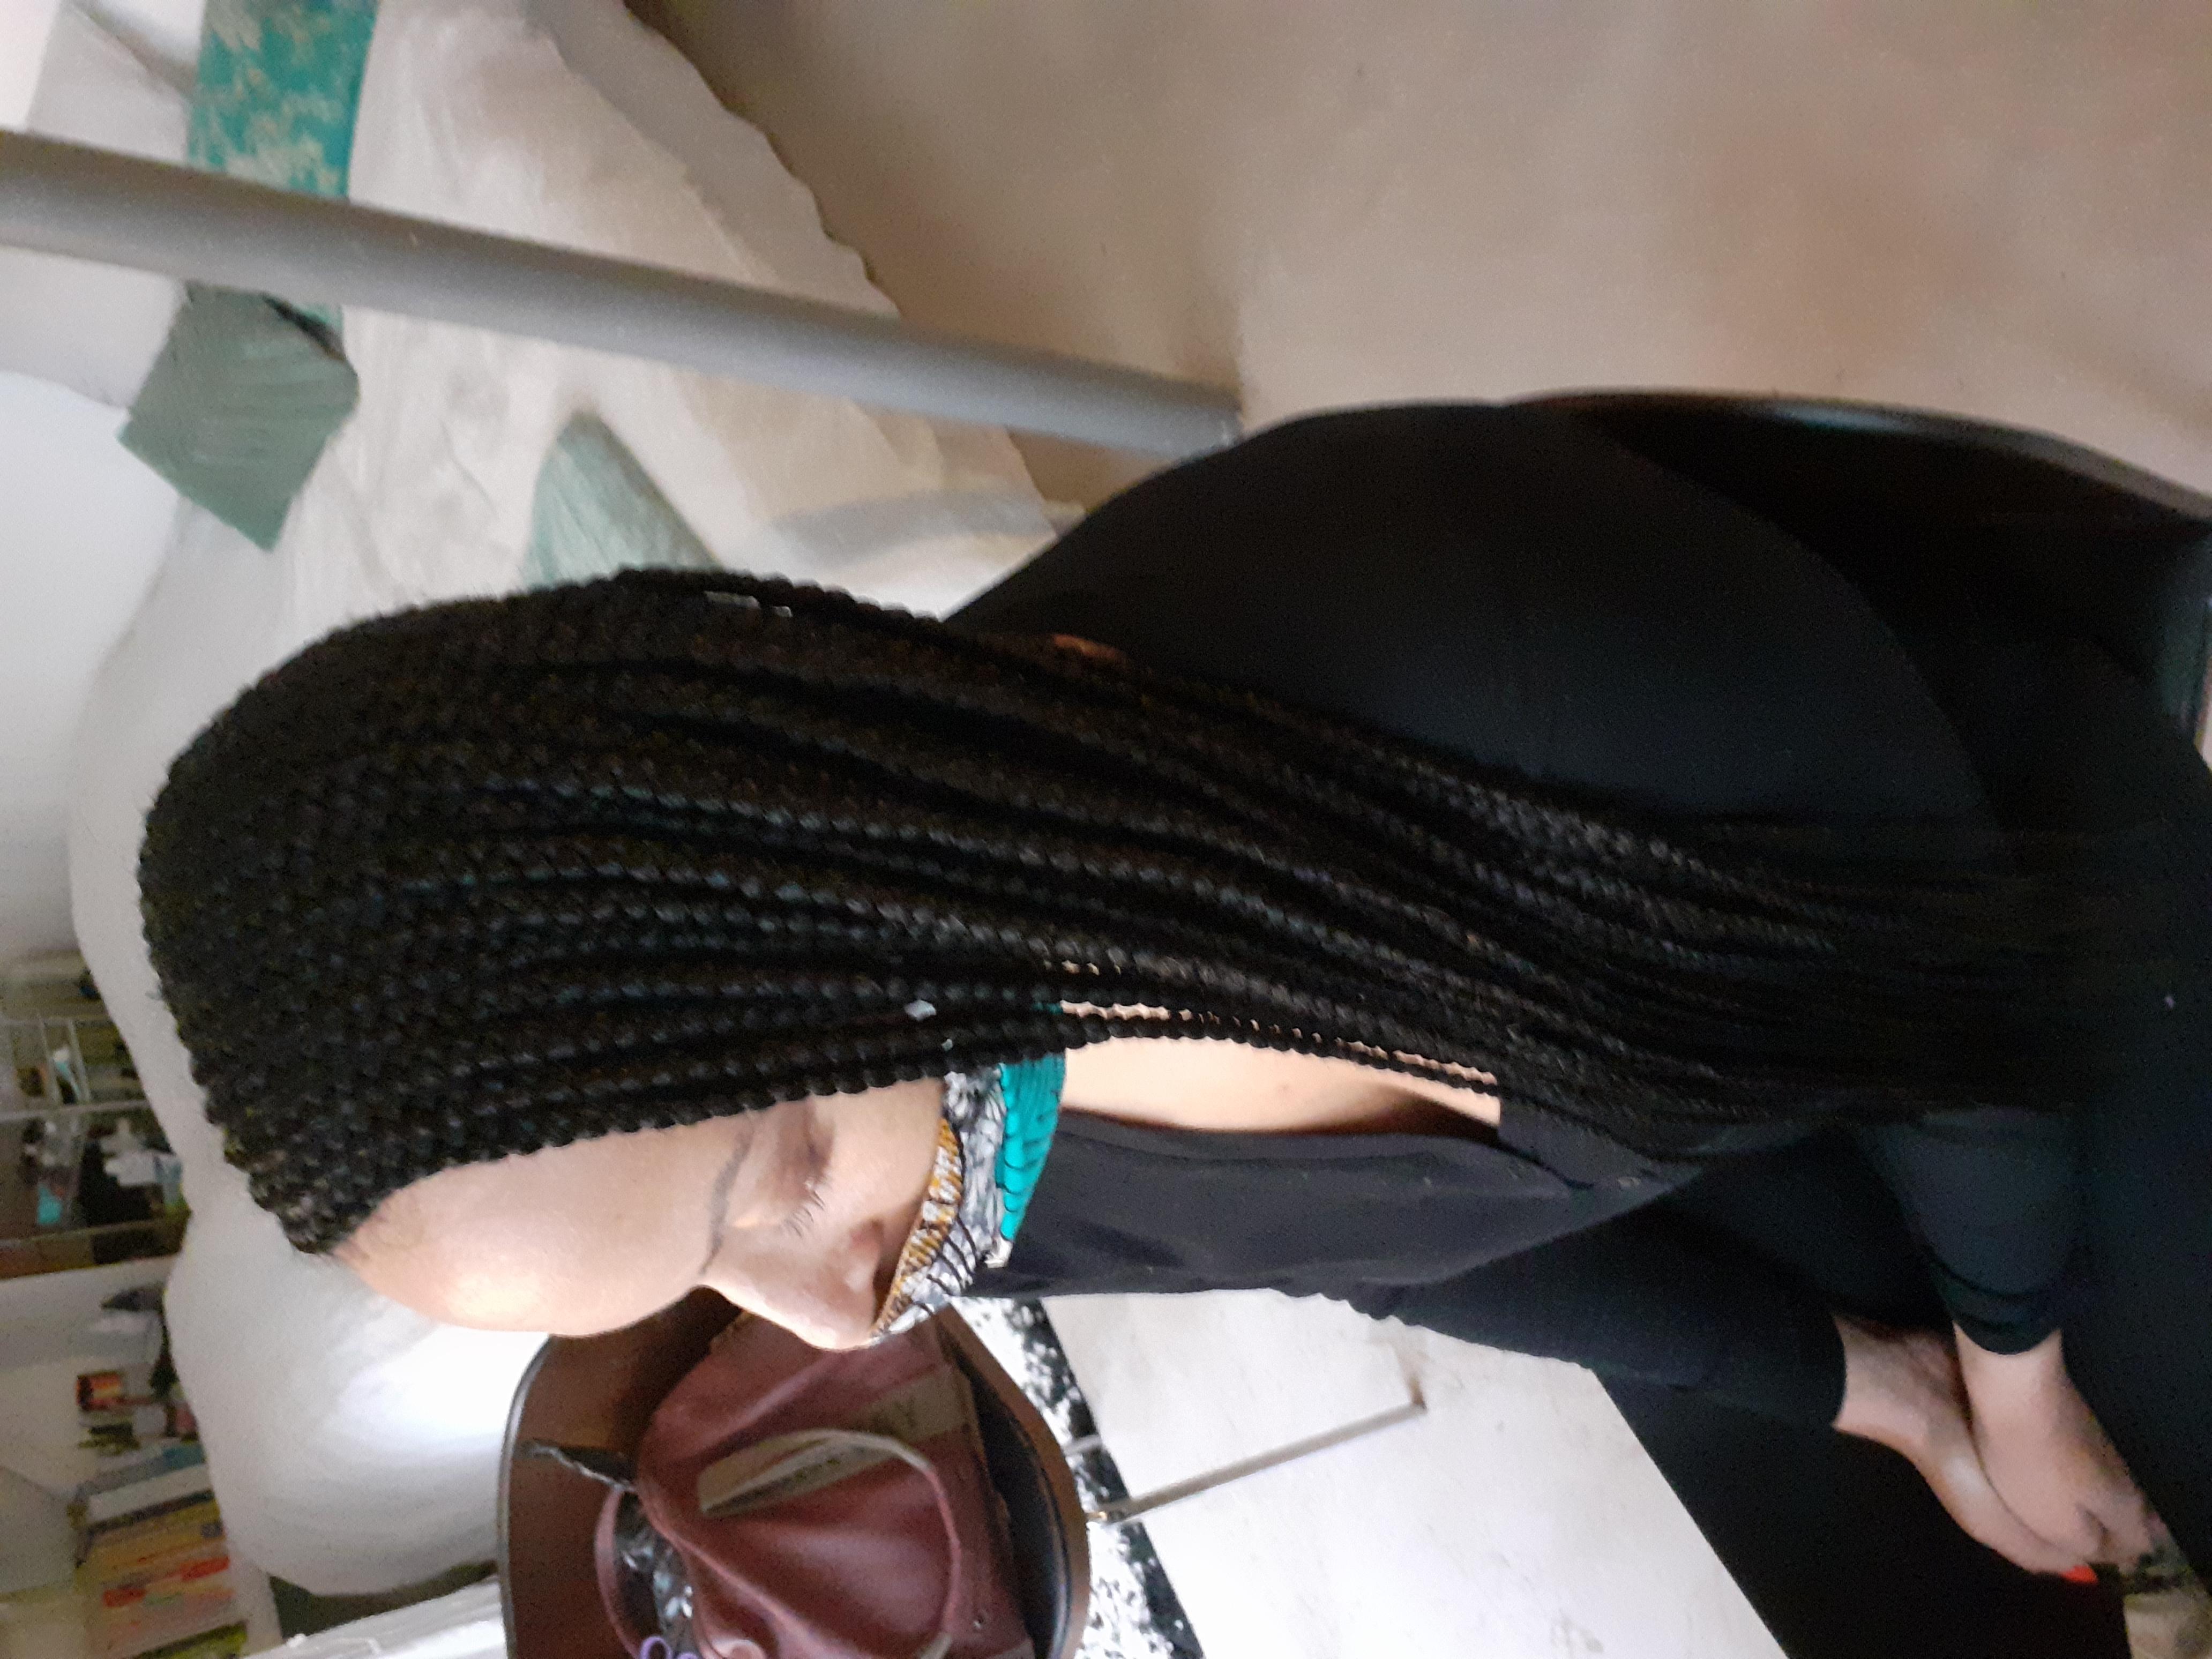 salon de coiffure afro tresse tresses box braids crochet braids vanilles tissages paris 75 77 78 91 92 93 94 95 LHMTTJLK